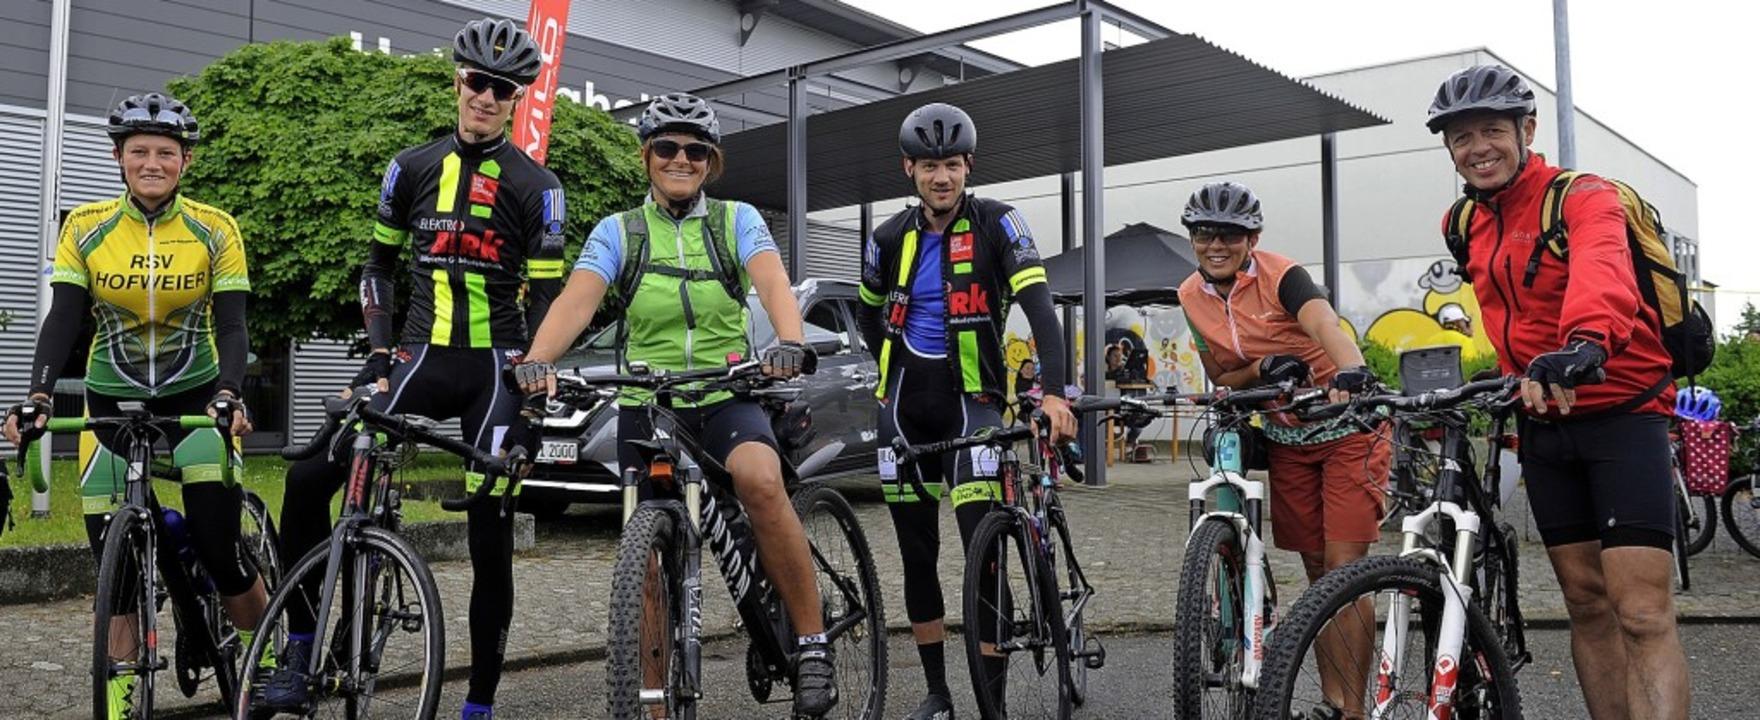 Diese Radgruppe ließ sich vom Wetterbe...ten – zu Recht, wie sich zeigte.  | Foto: Bettina Schaller